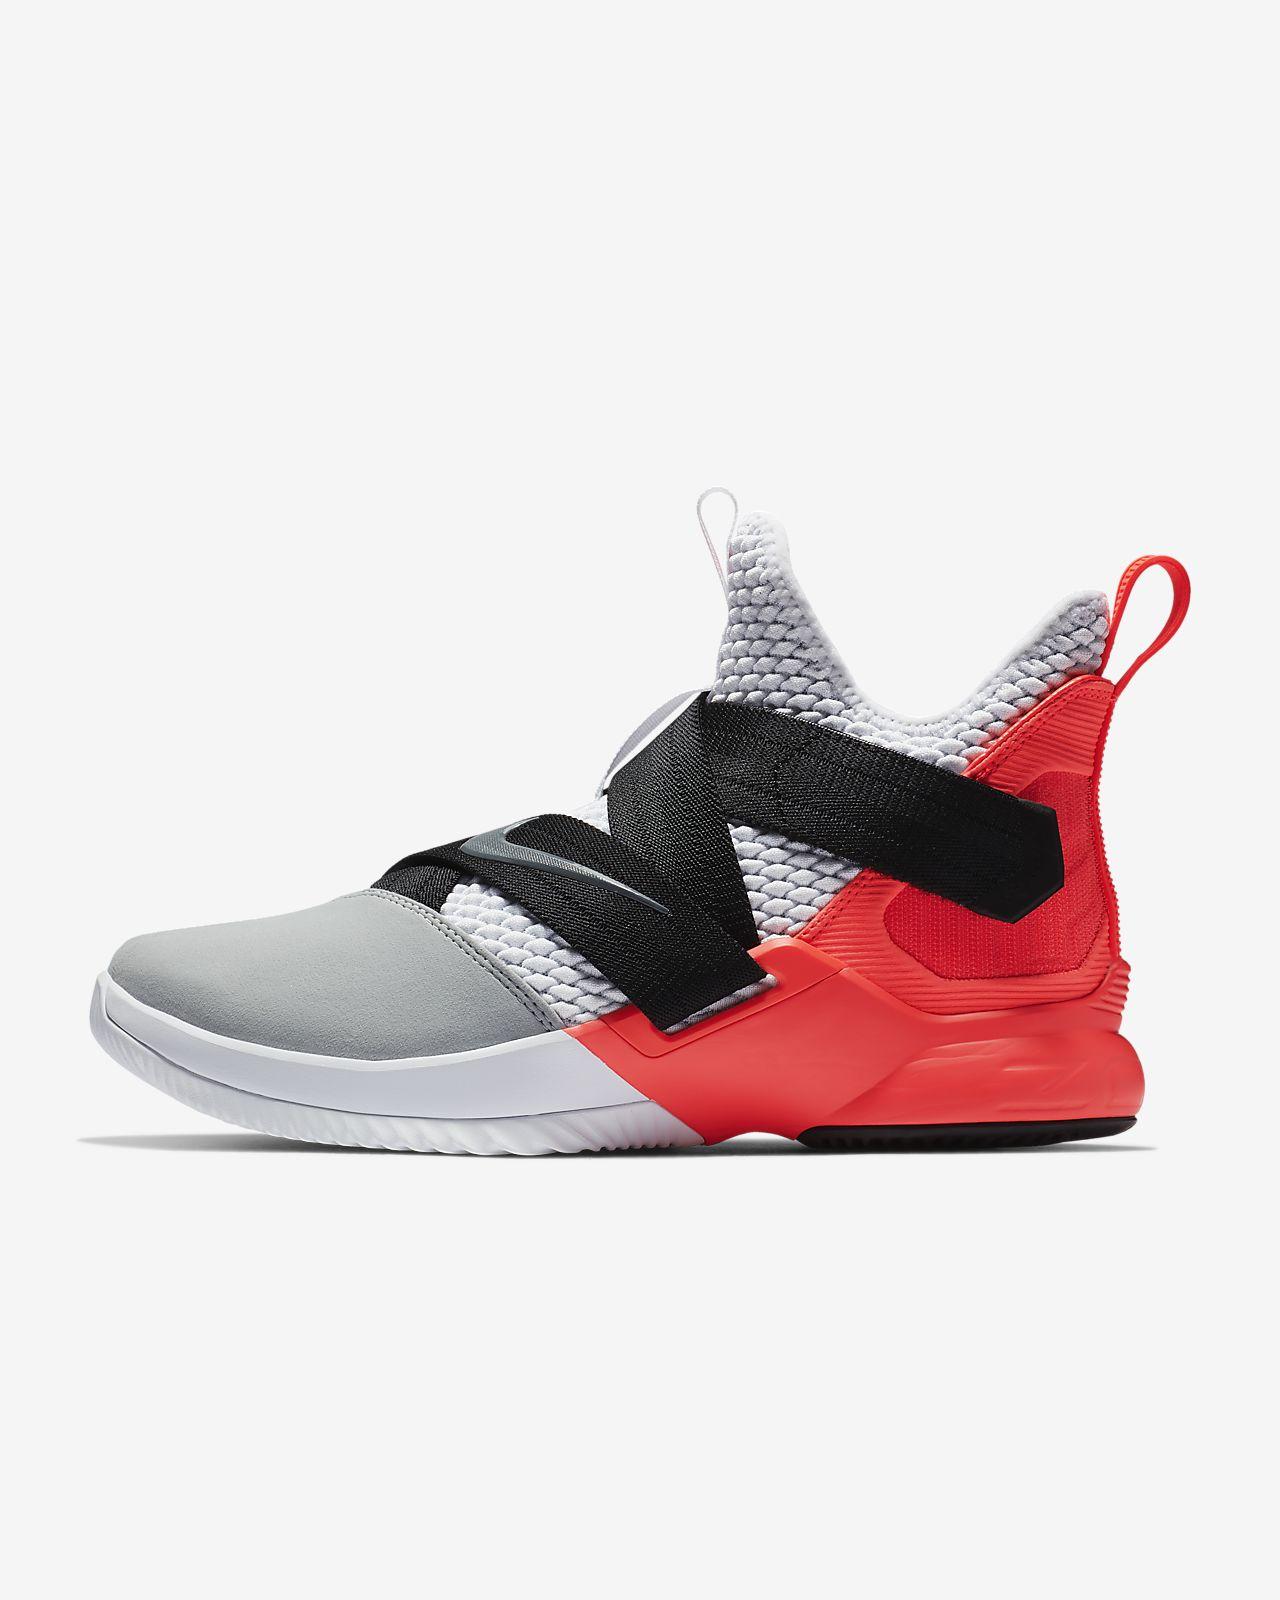 a5910c88696 Calzado de básquetbol LeBron Soldier 12 SFG. Nike.com MX